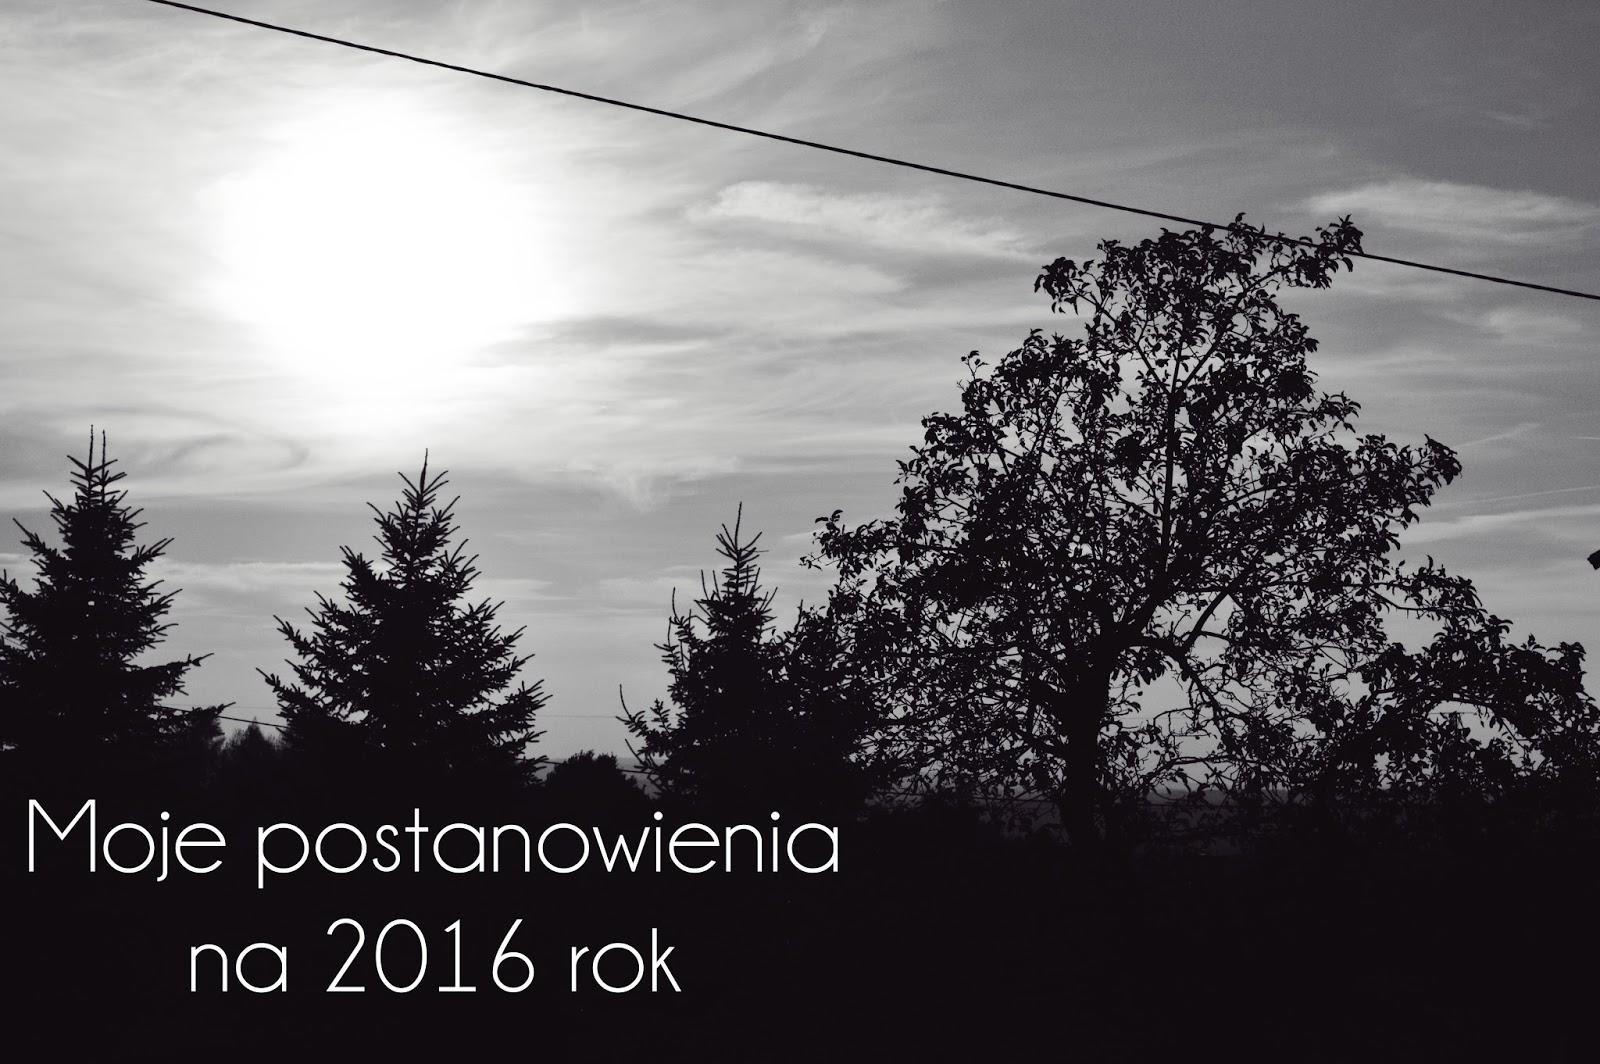 POSTANOWIENIA NOWOROCZNE NA 2016 ROK - MOJE CELE I MARZENIA